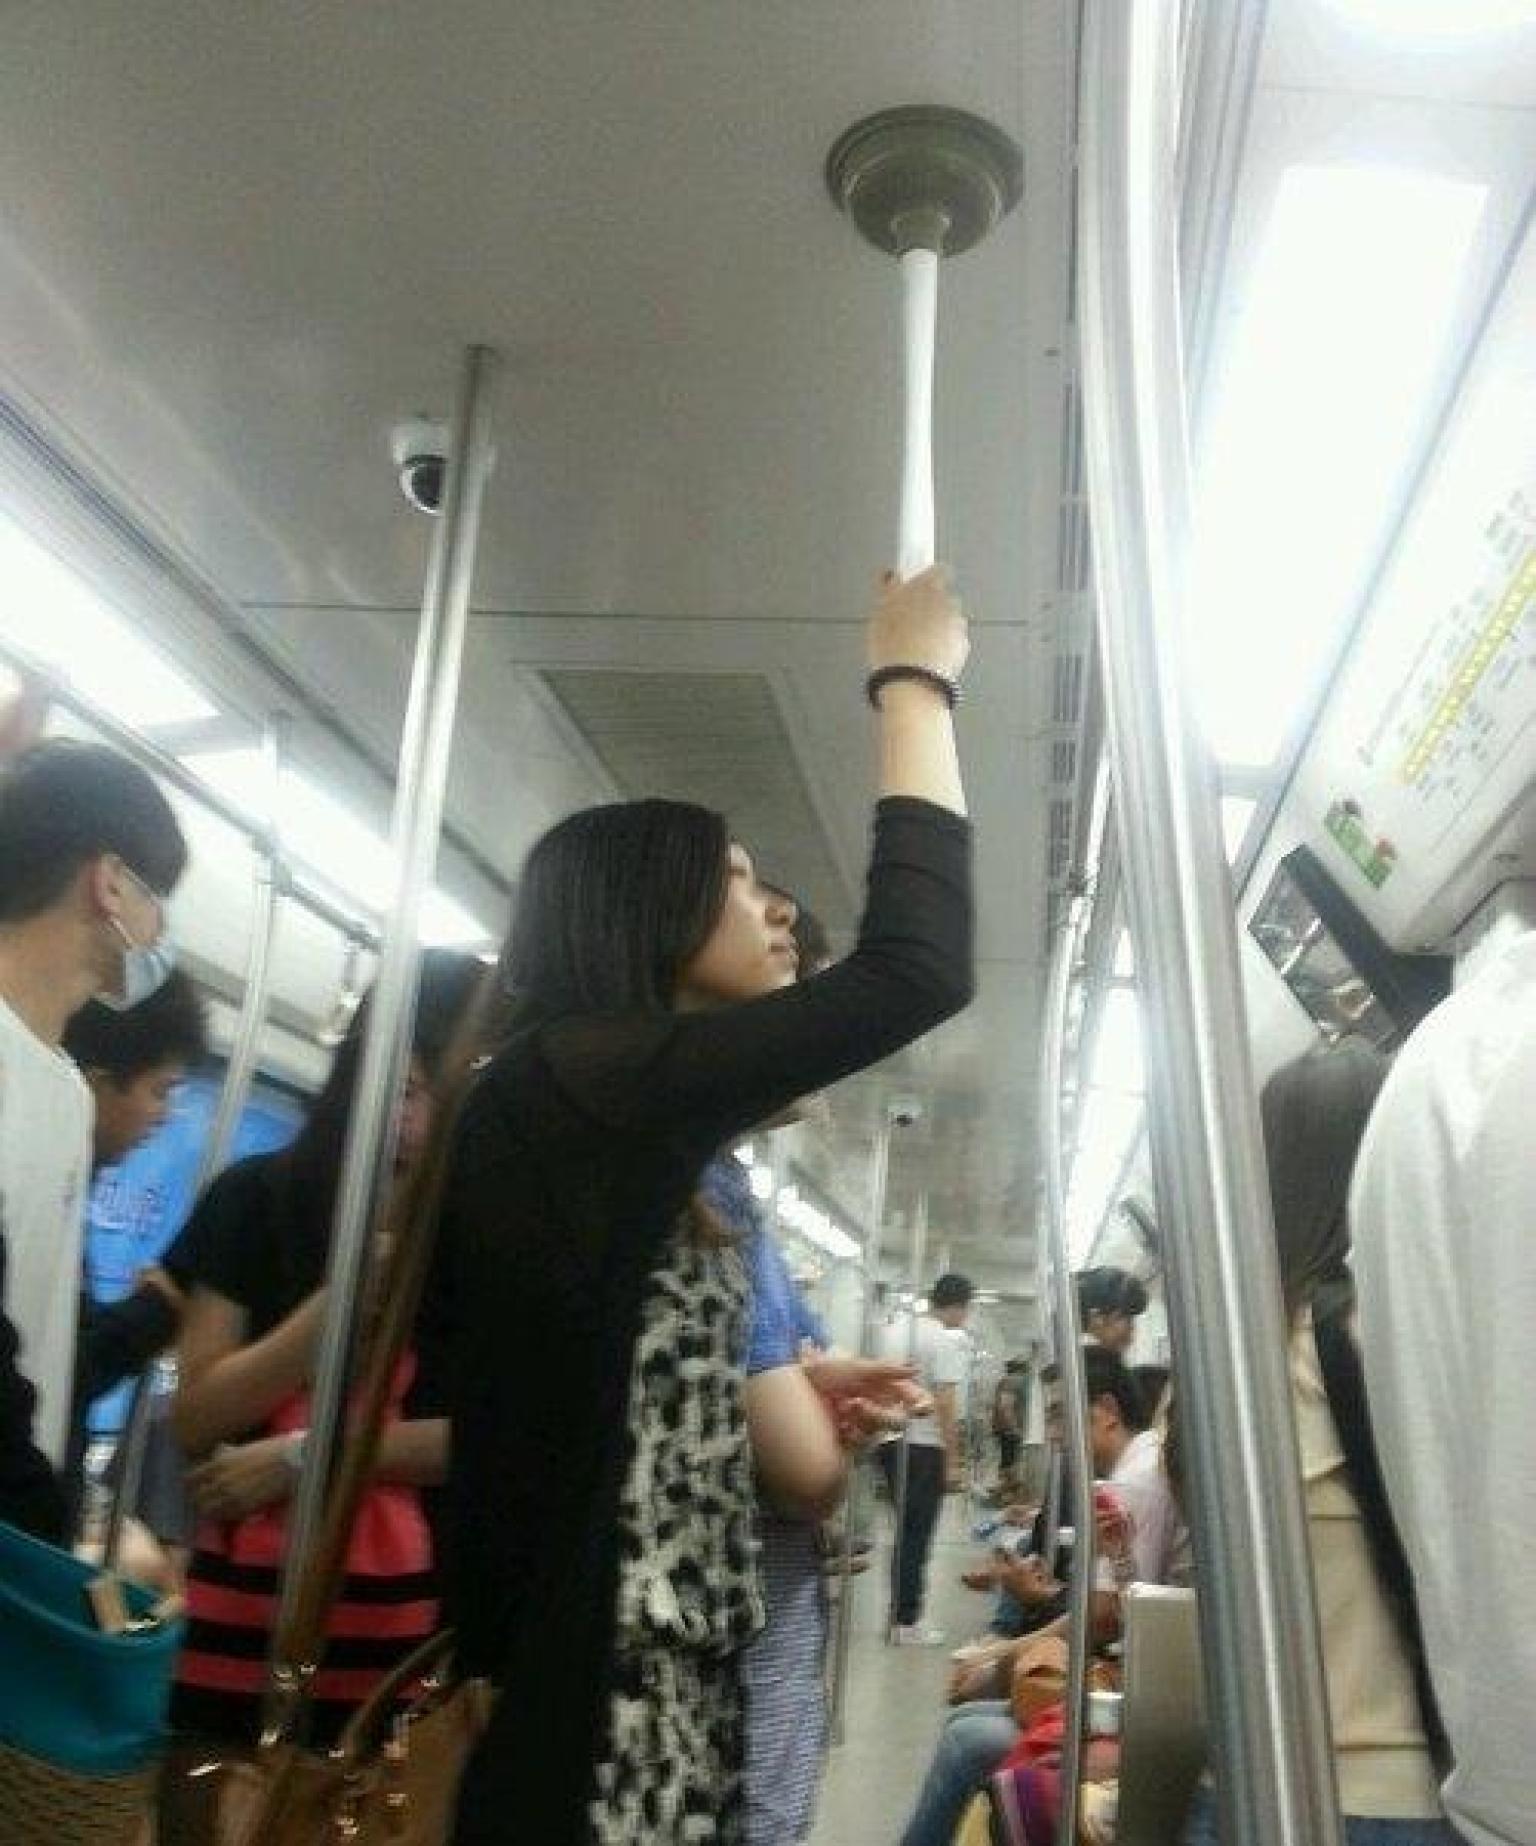 Анекдот про попа в поезде свекор тому